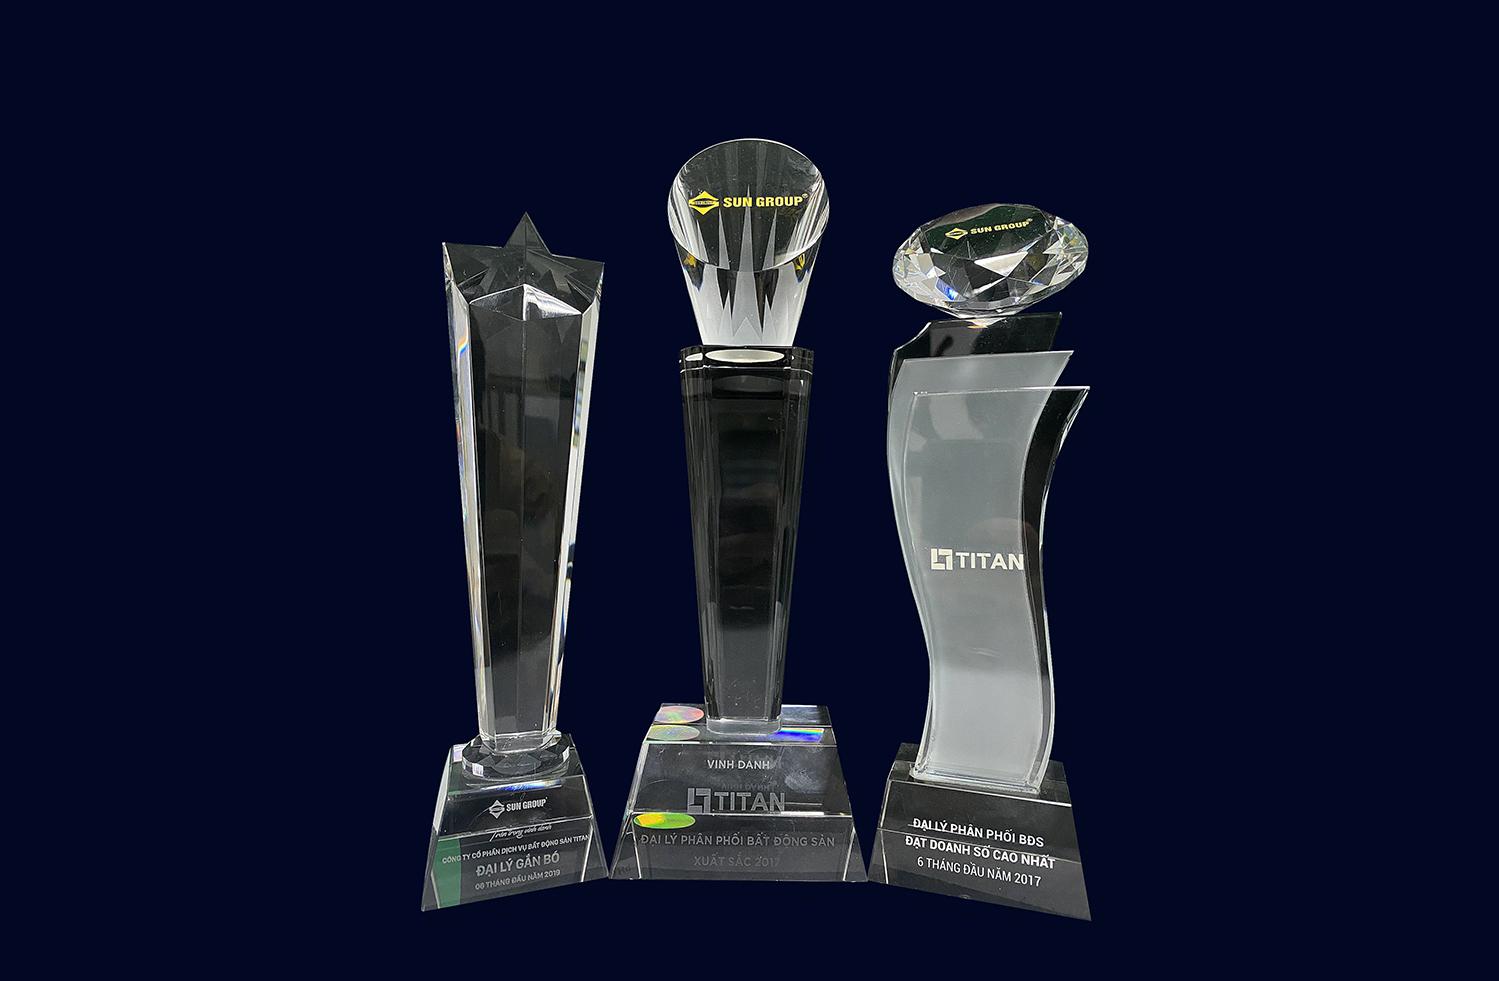 Trong 6 năm chính thức hợp tác, Titan luôn nằm trong top đại lý phân phối xuất sắc nhất Sun Group